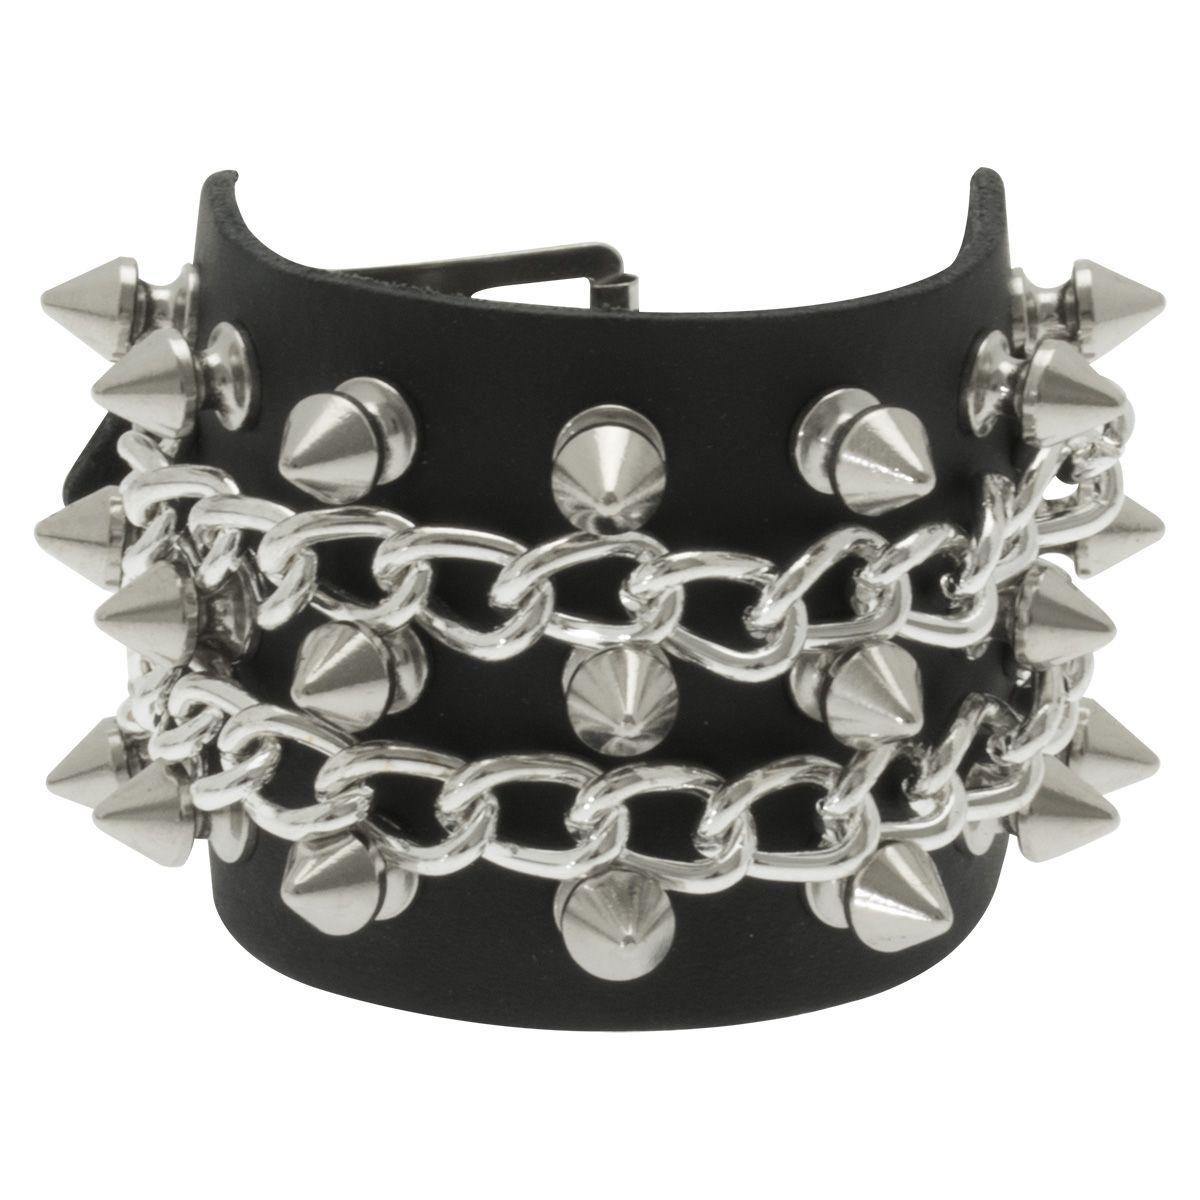 Image de Bracelet CUIR - Spikes & Chains